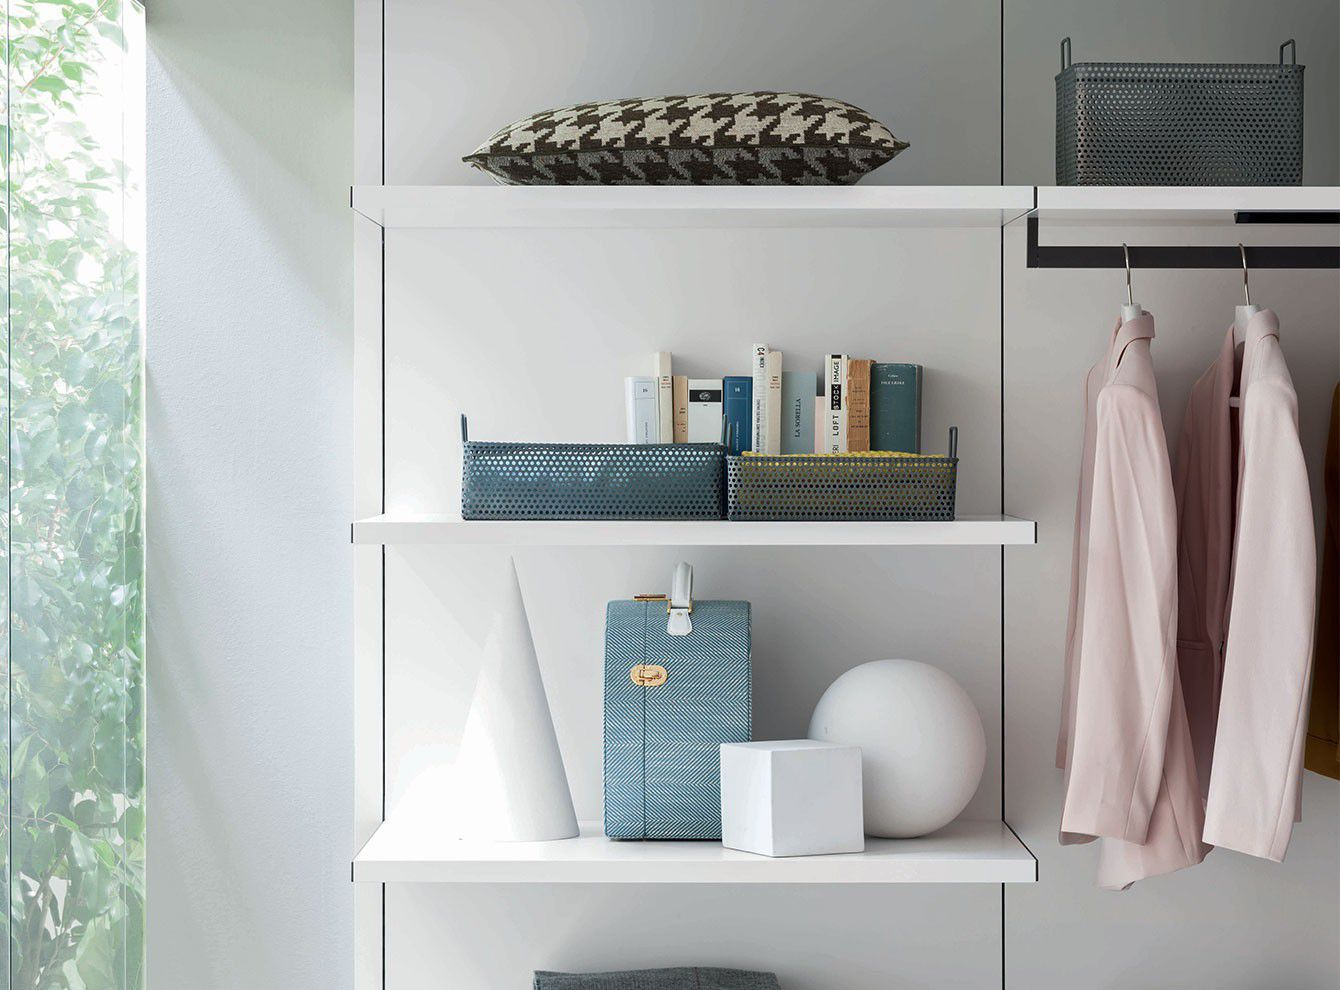 Eck sideboard modern  Begehbarer -Kleiderschrank / Eck / modern / Holz / Schiebetüren ...